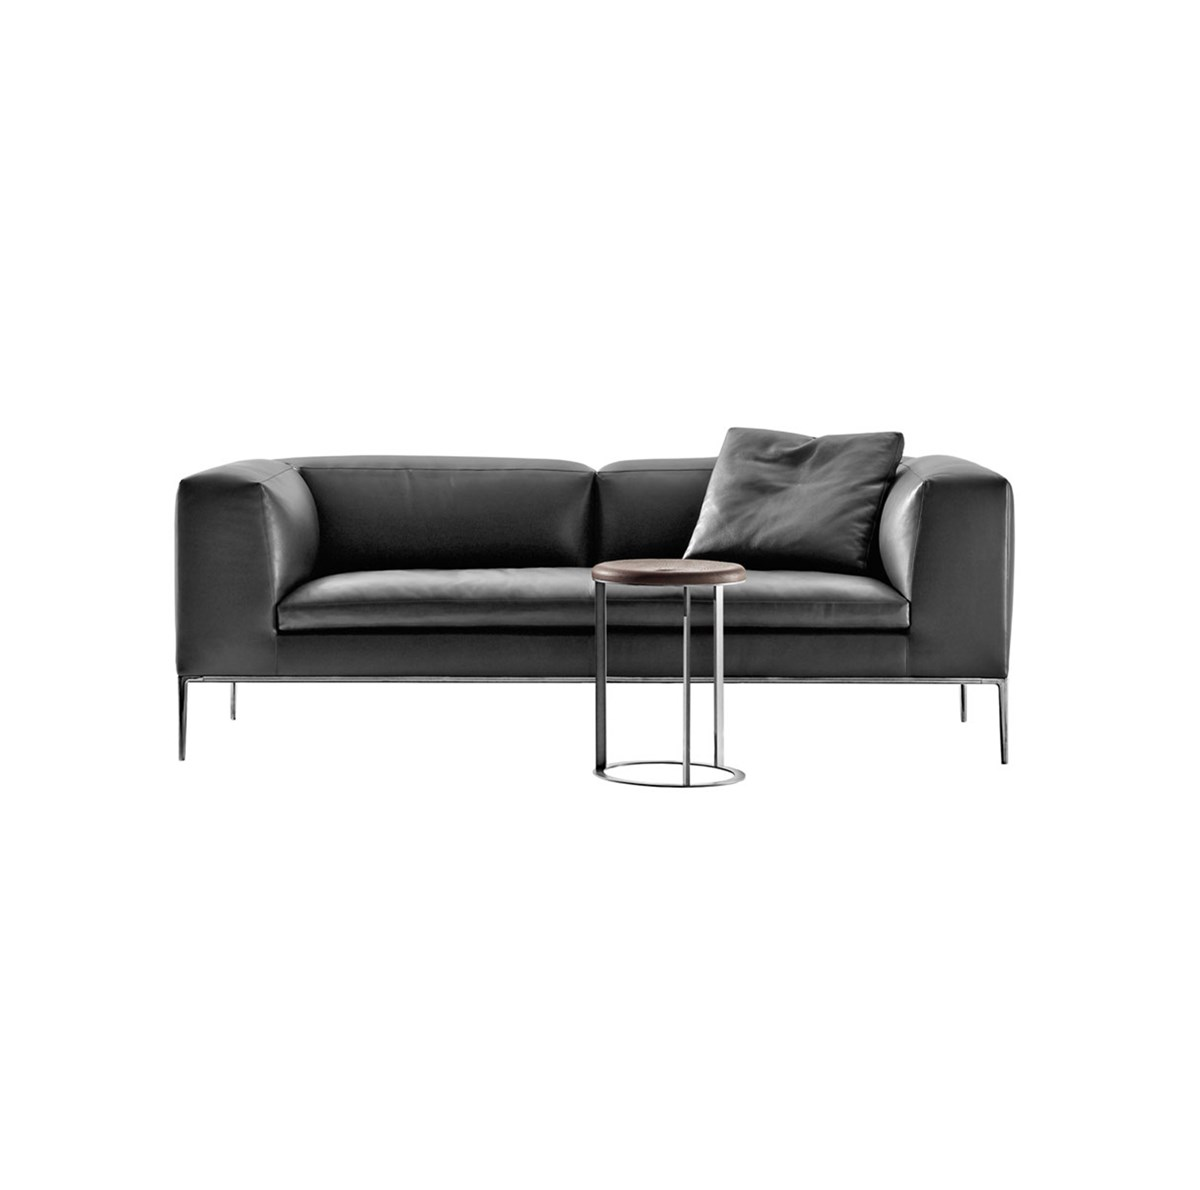 Maxalto-Antonio-Citterio-Michel-Sofa-Matisse-1